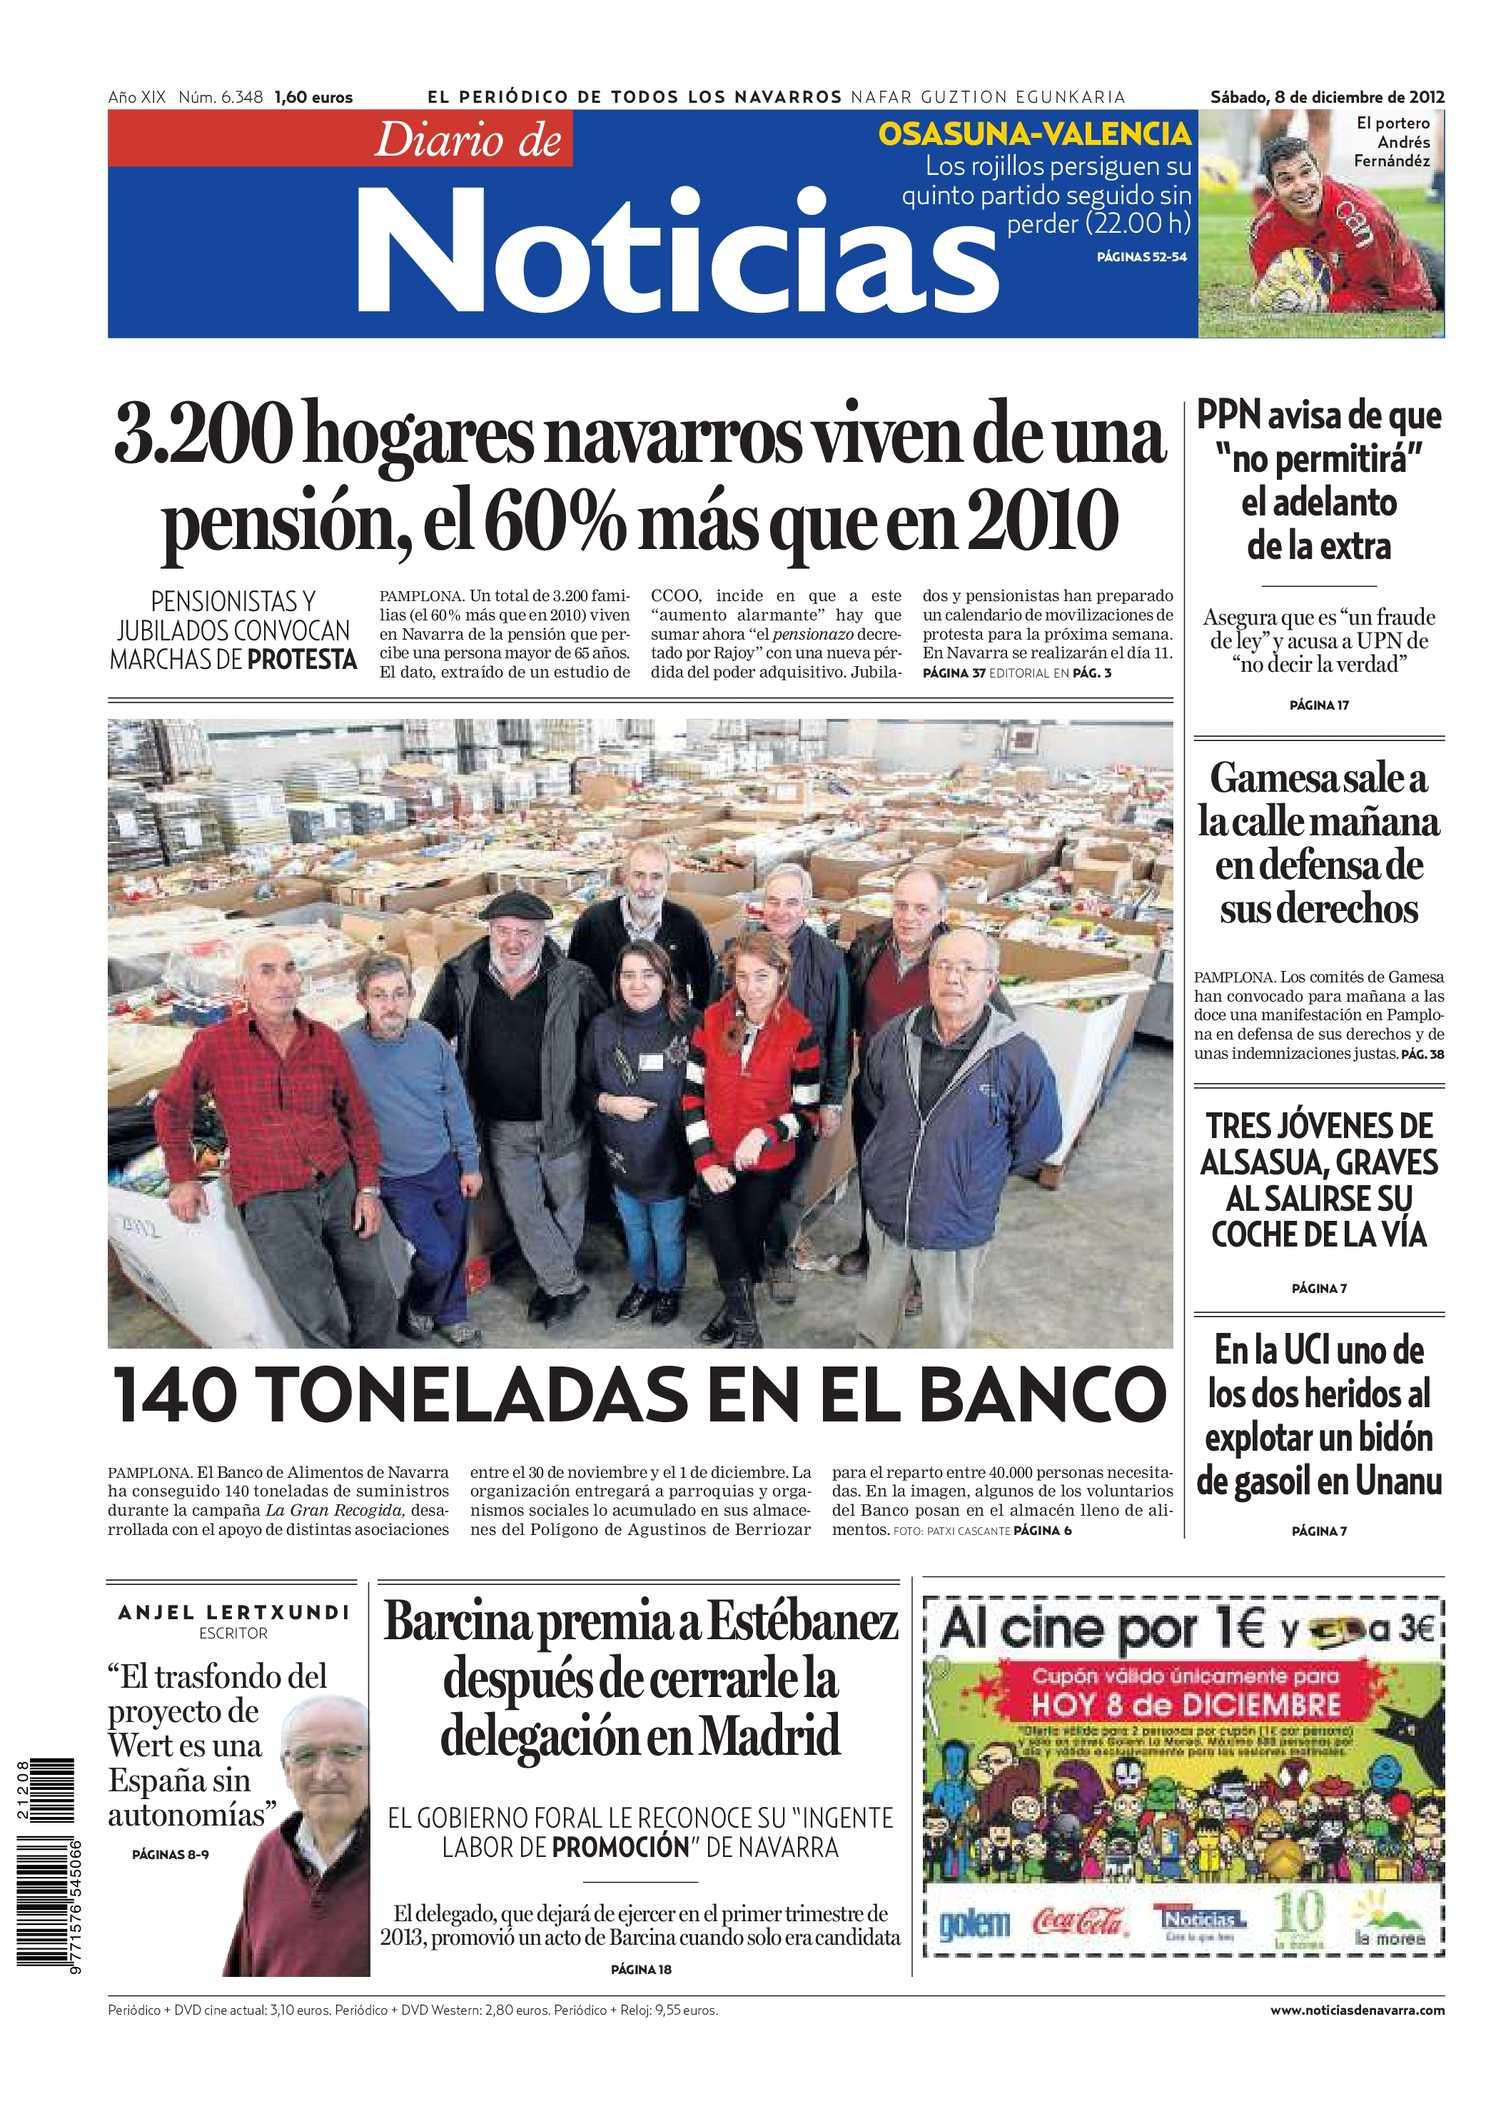 Calaméo - Diario de Noticias 20121208 be54df62c75cd